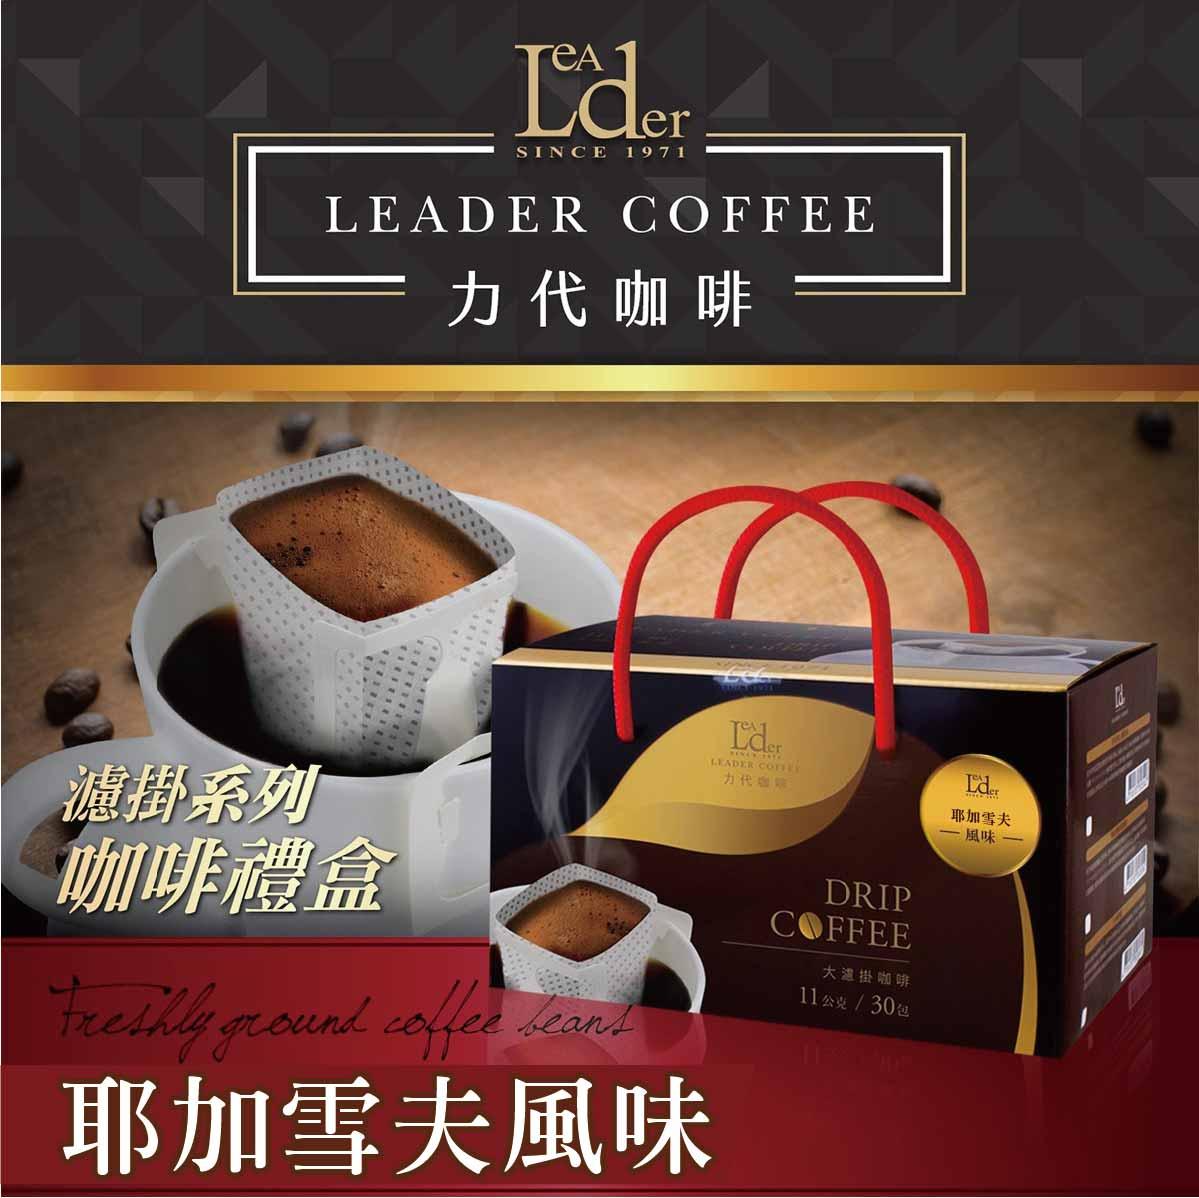 【力代】 大濾掛式咖啡禮盒 / 耶加雪夫風味 11g*30入/盒